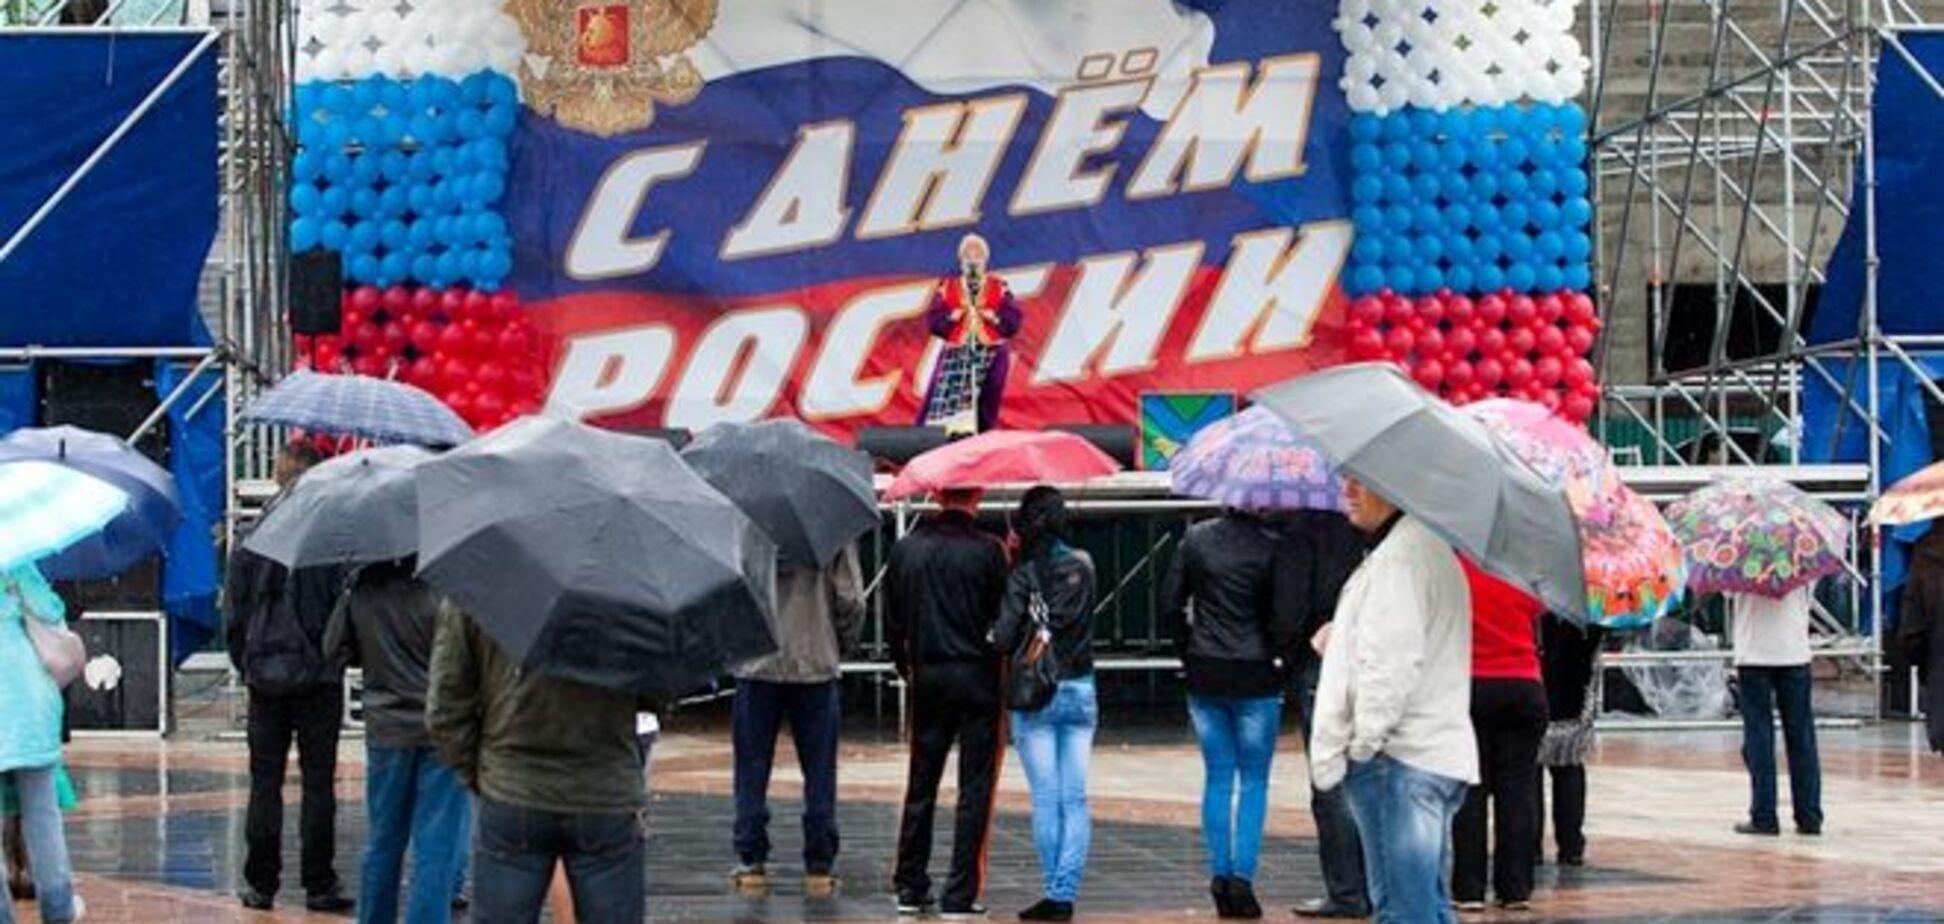 'Друзья России' в ярости: Молдова внезапно сорвала концерт ко Дню 'страны-агрессора'